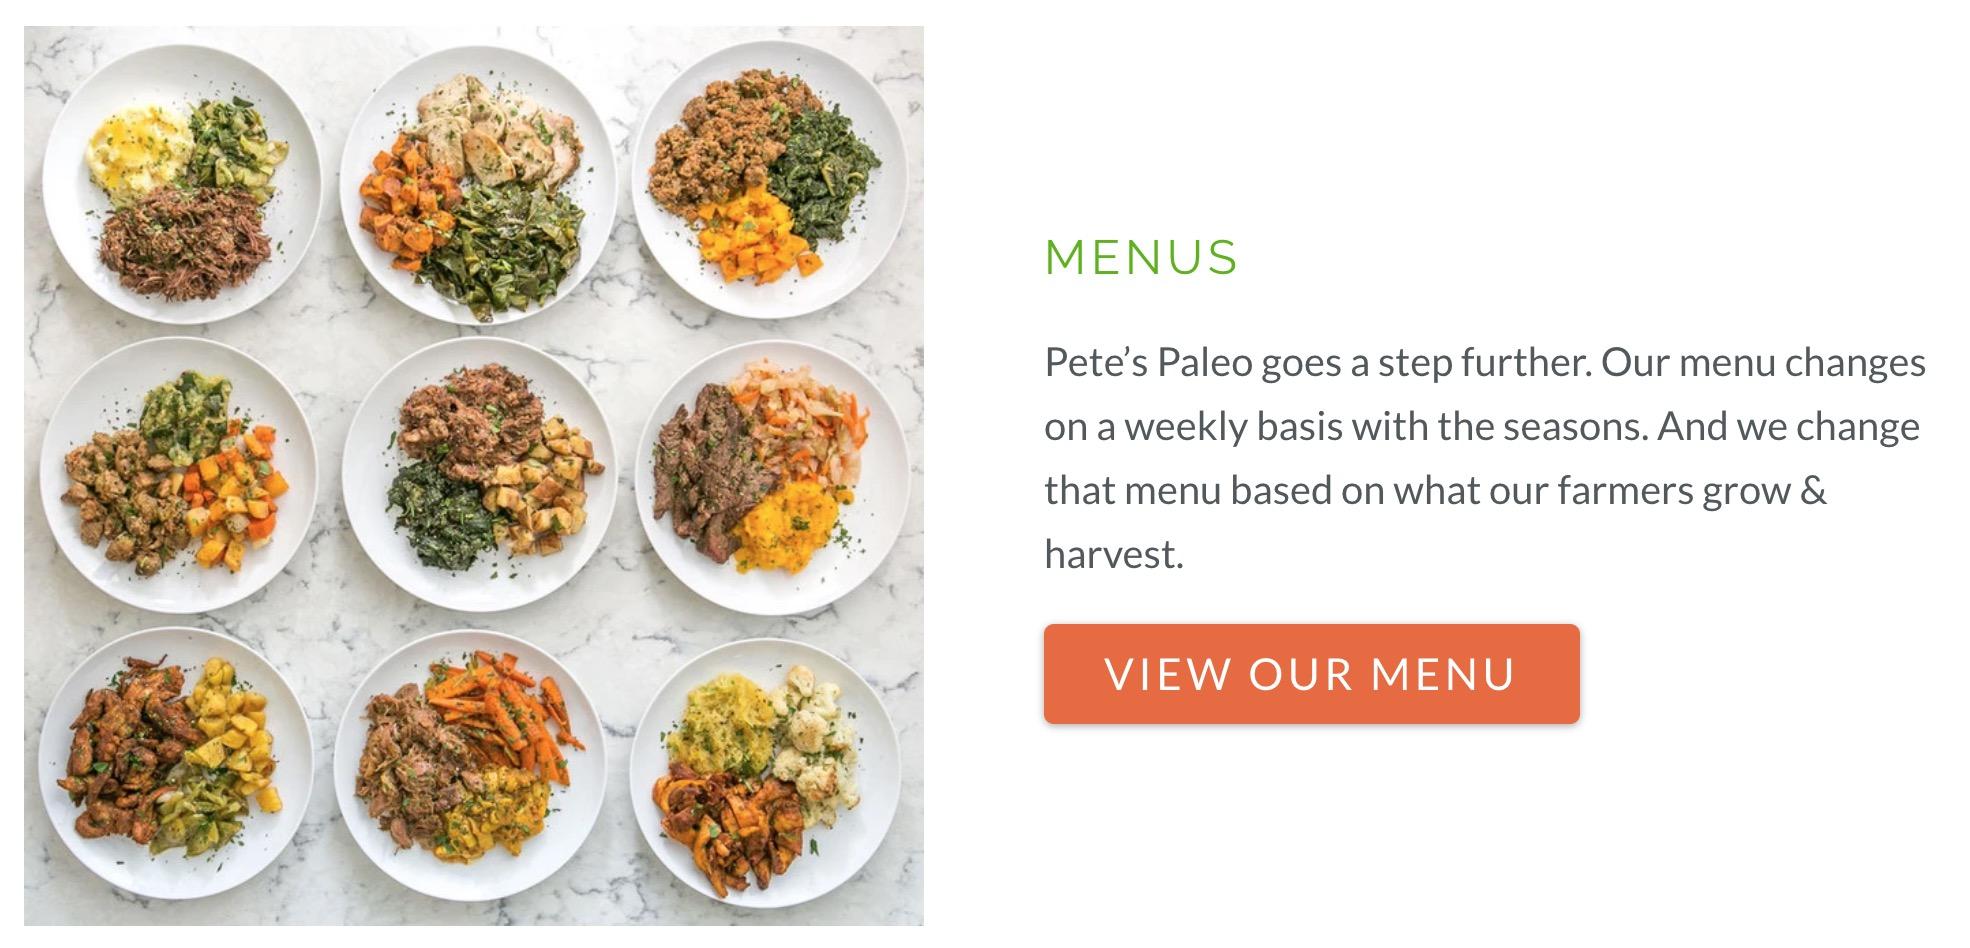 Petes Paleo menu